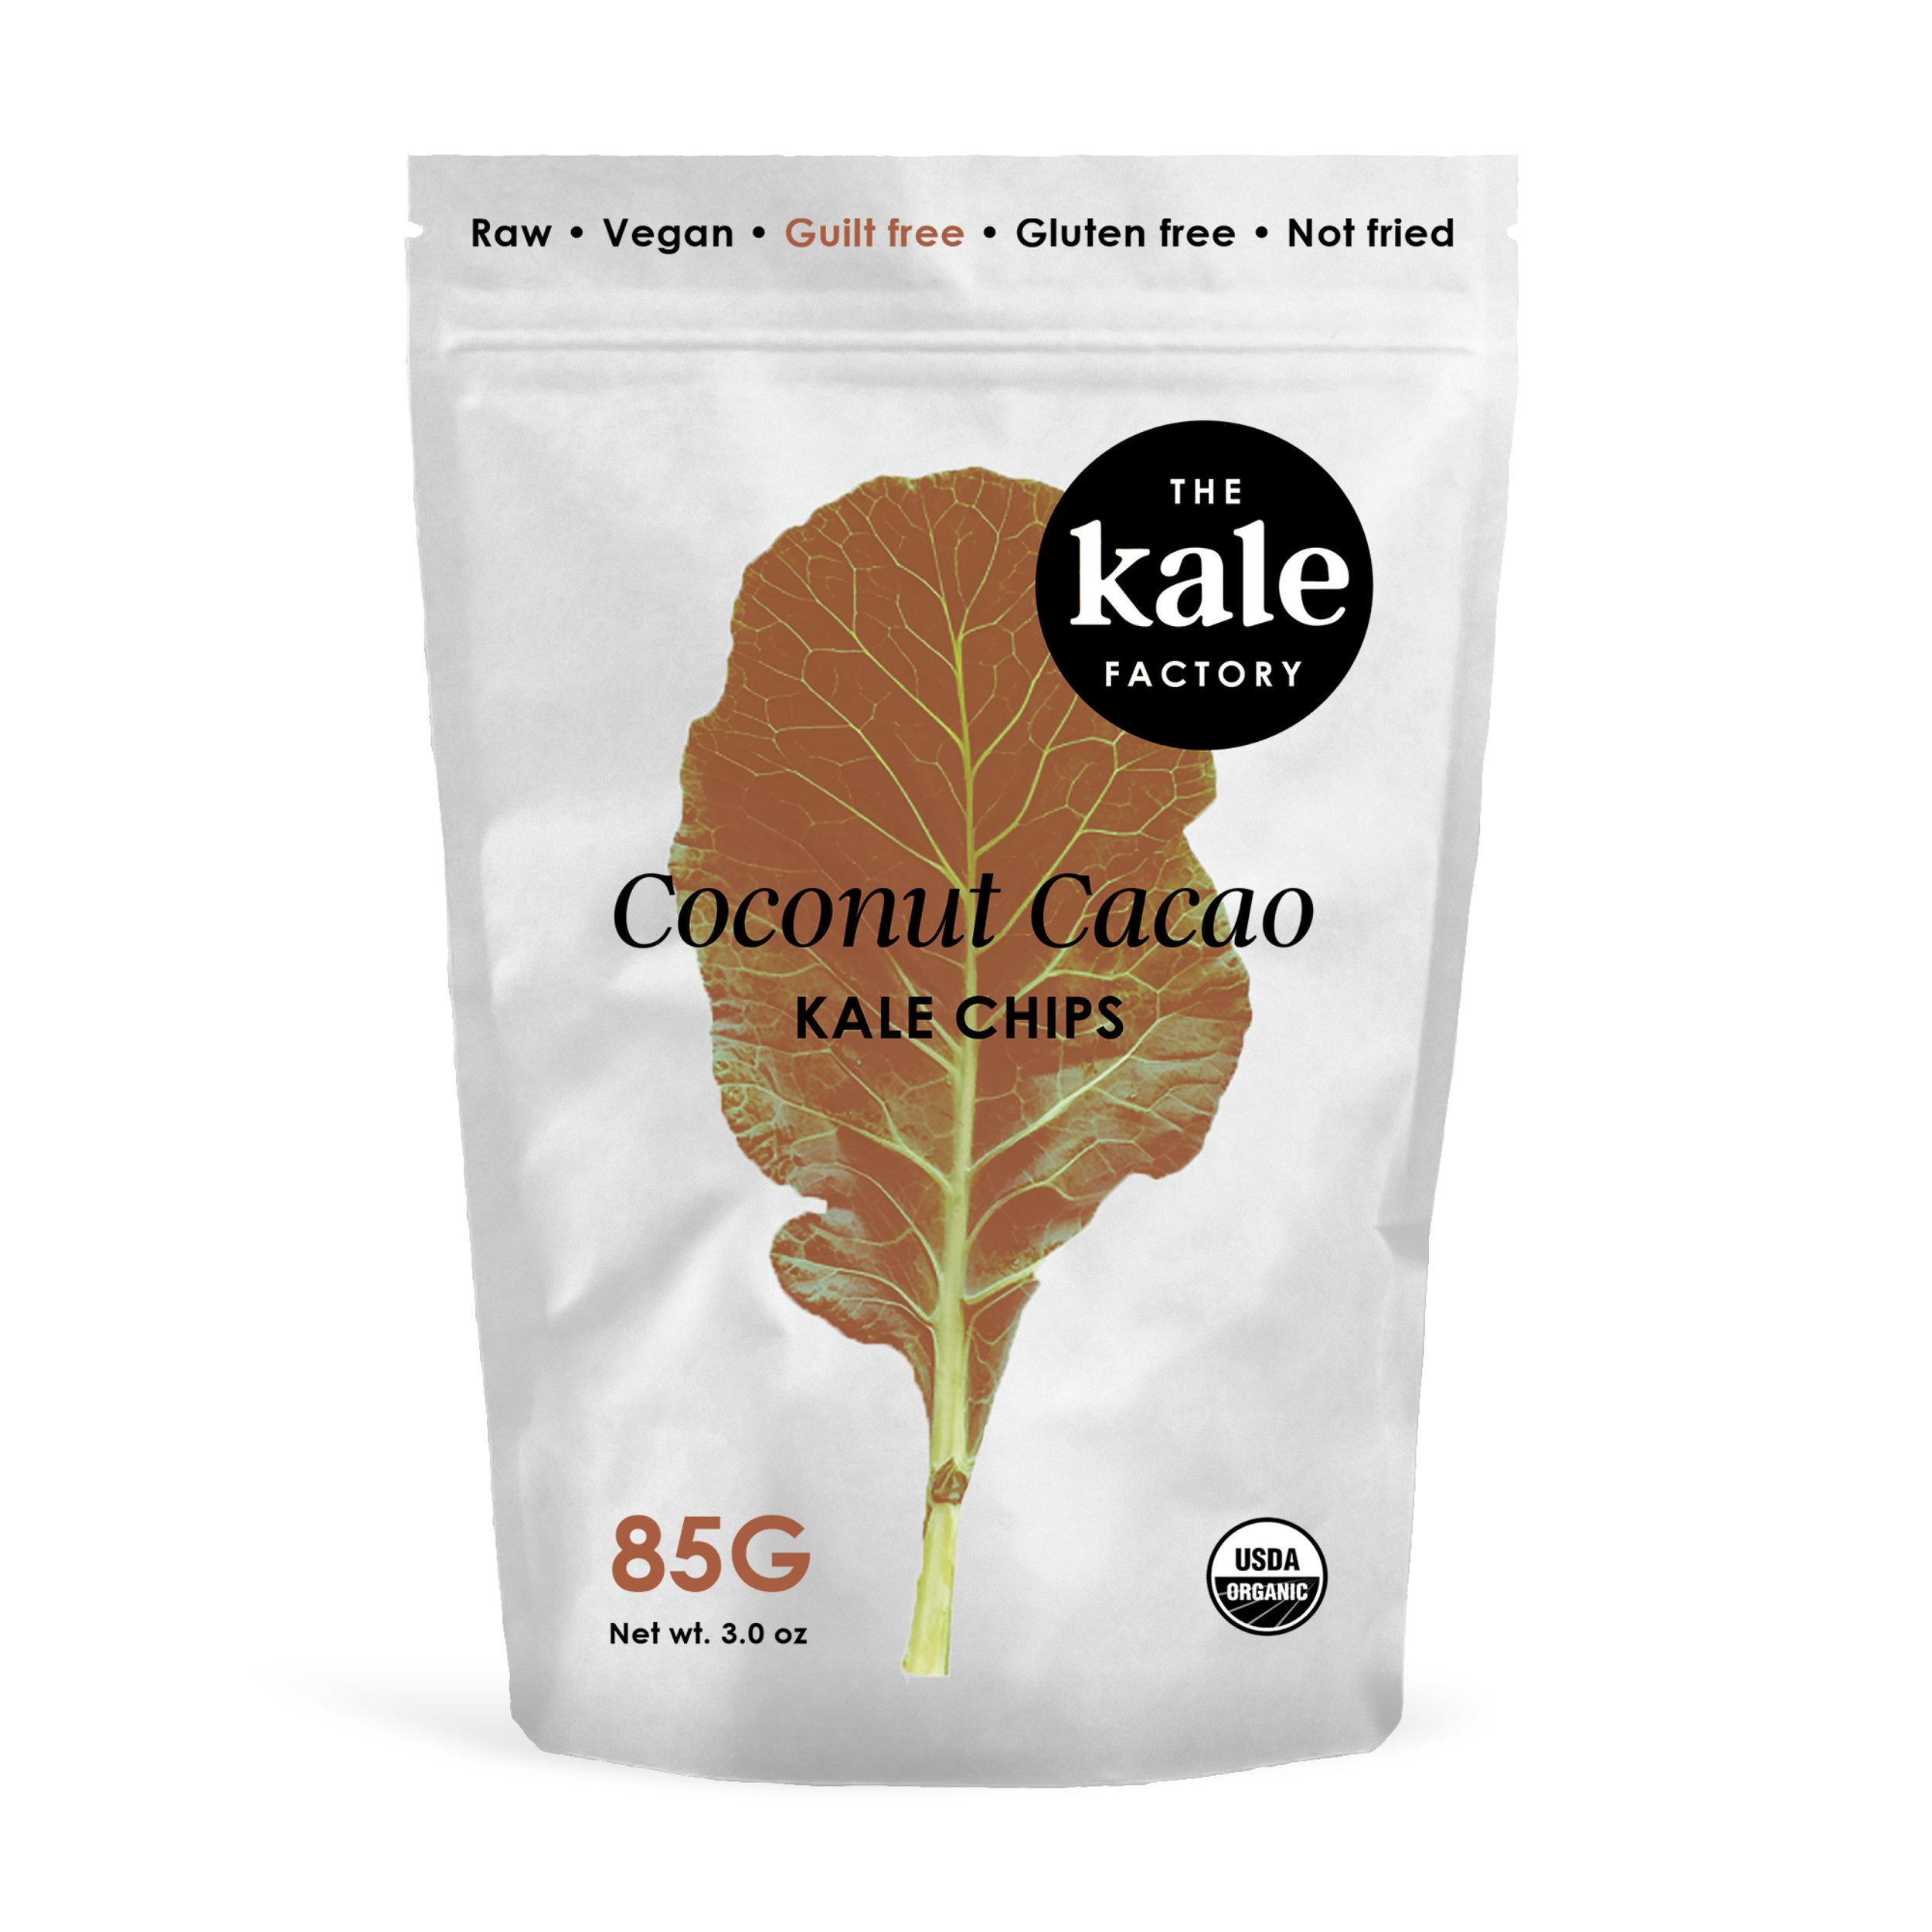 Kale-Packaging-Front-CoconutCacao.jpg